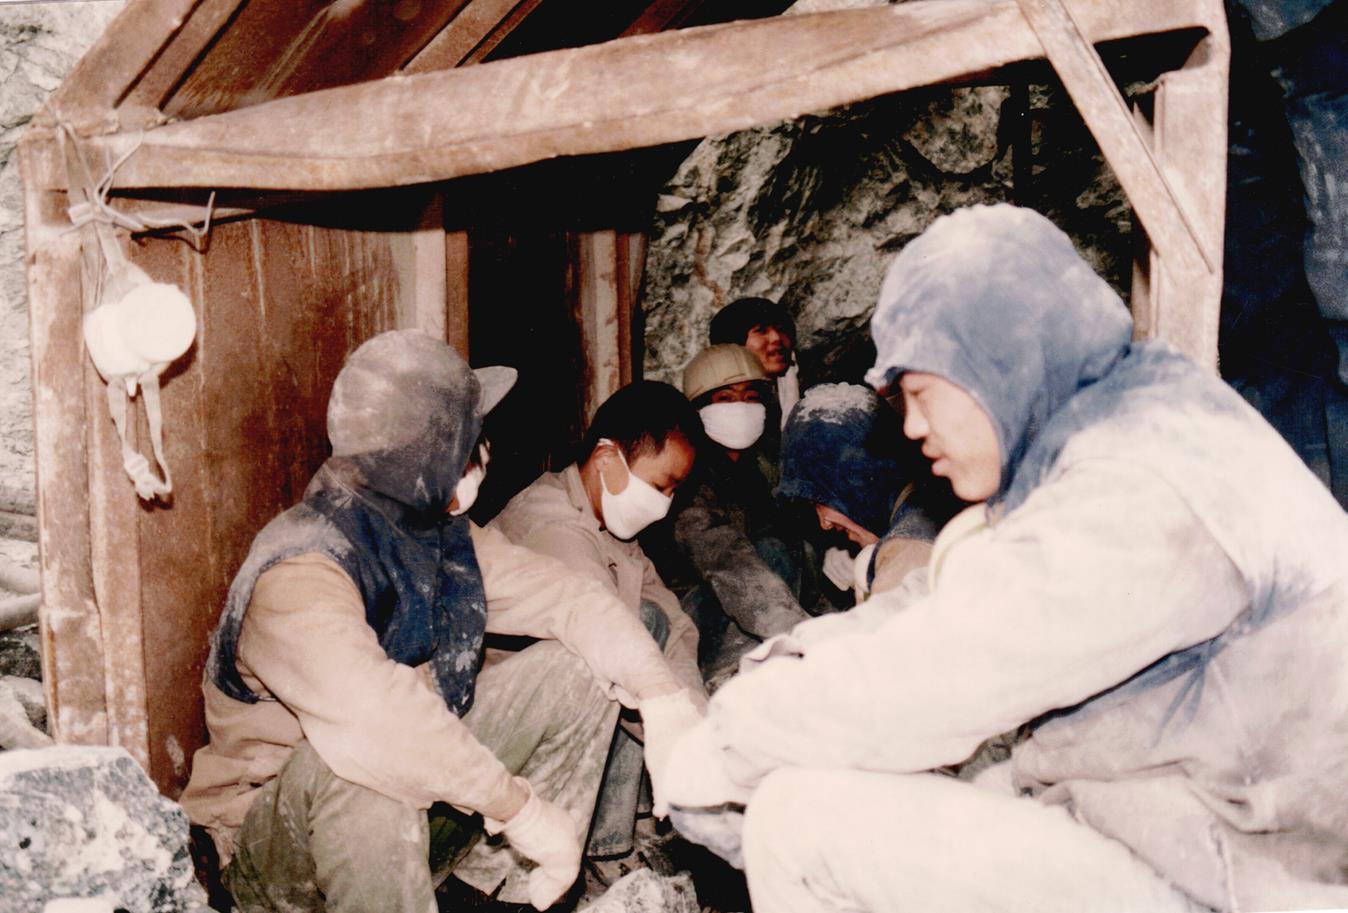 3. 礦山硐室作業1(工間小憩換換氣)